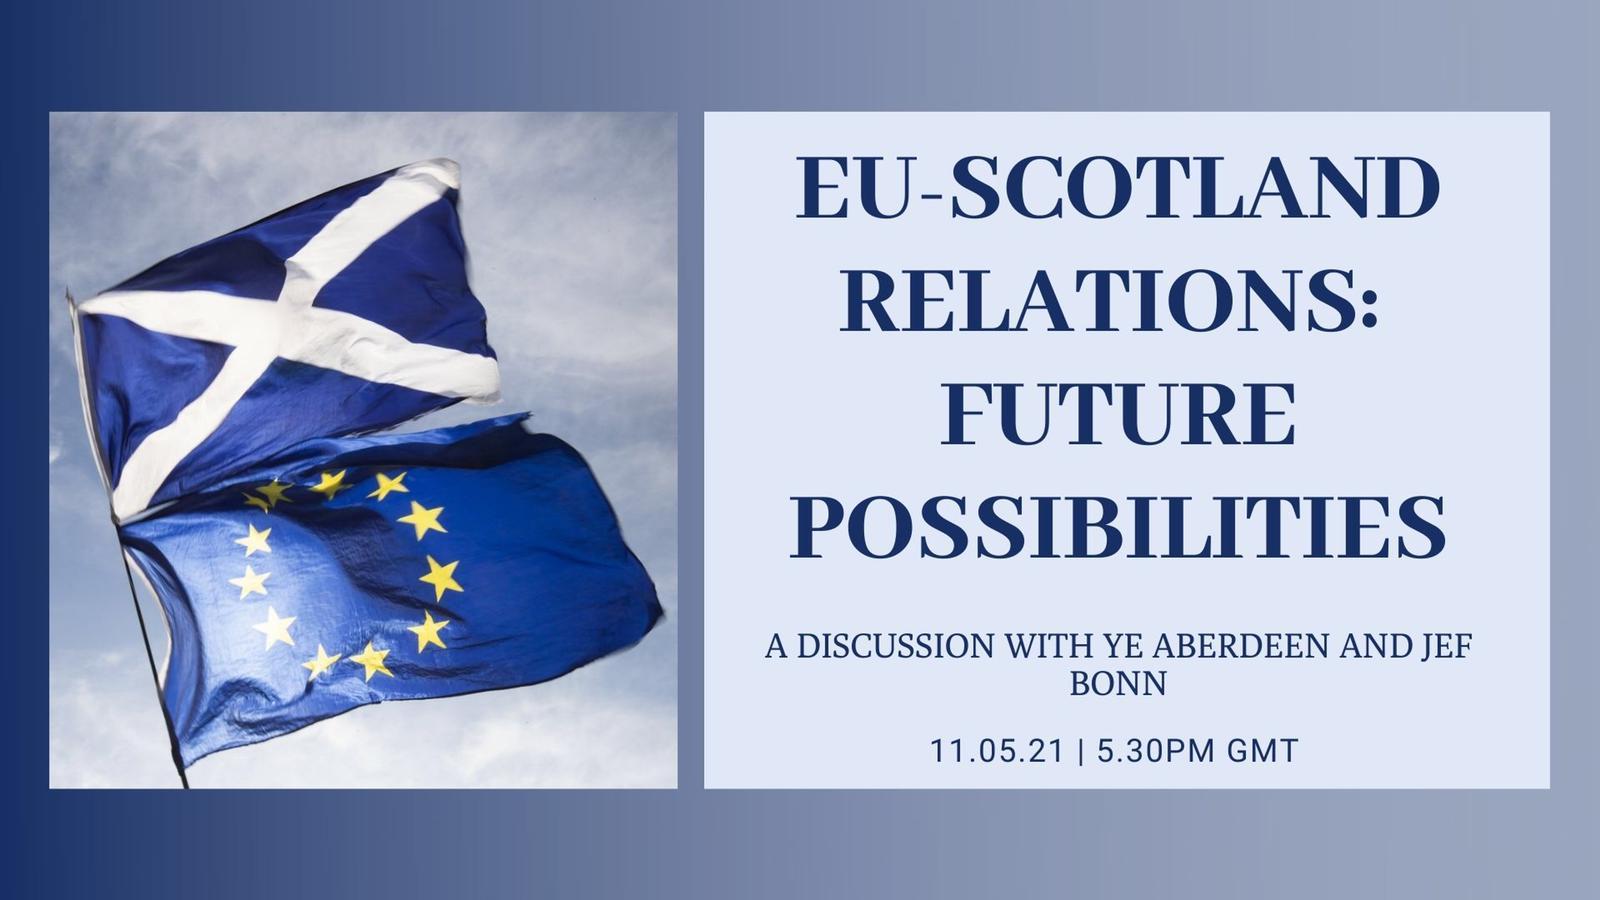 EU - Scotland Relations: Future Possibilities